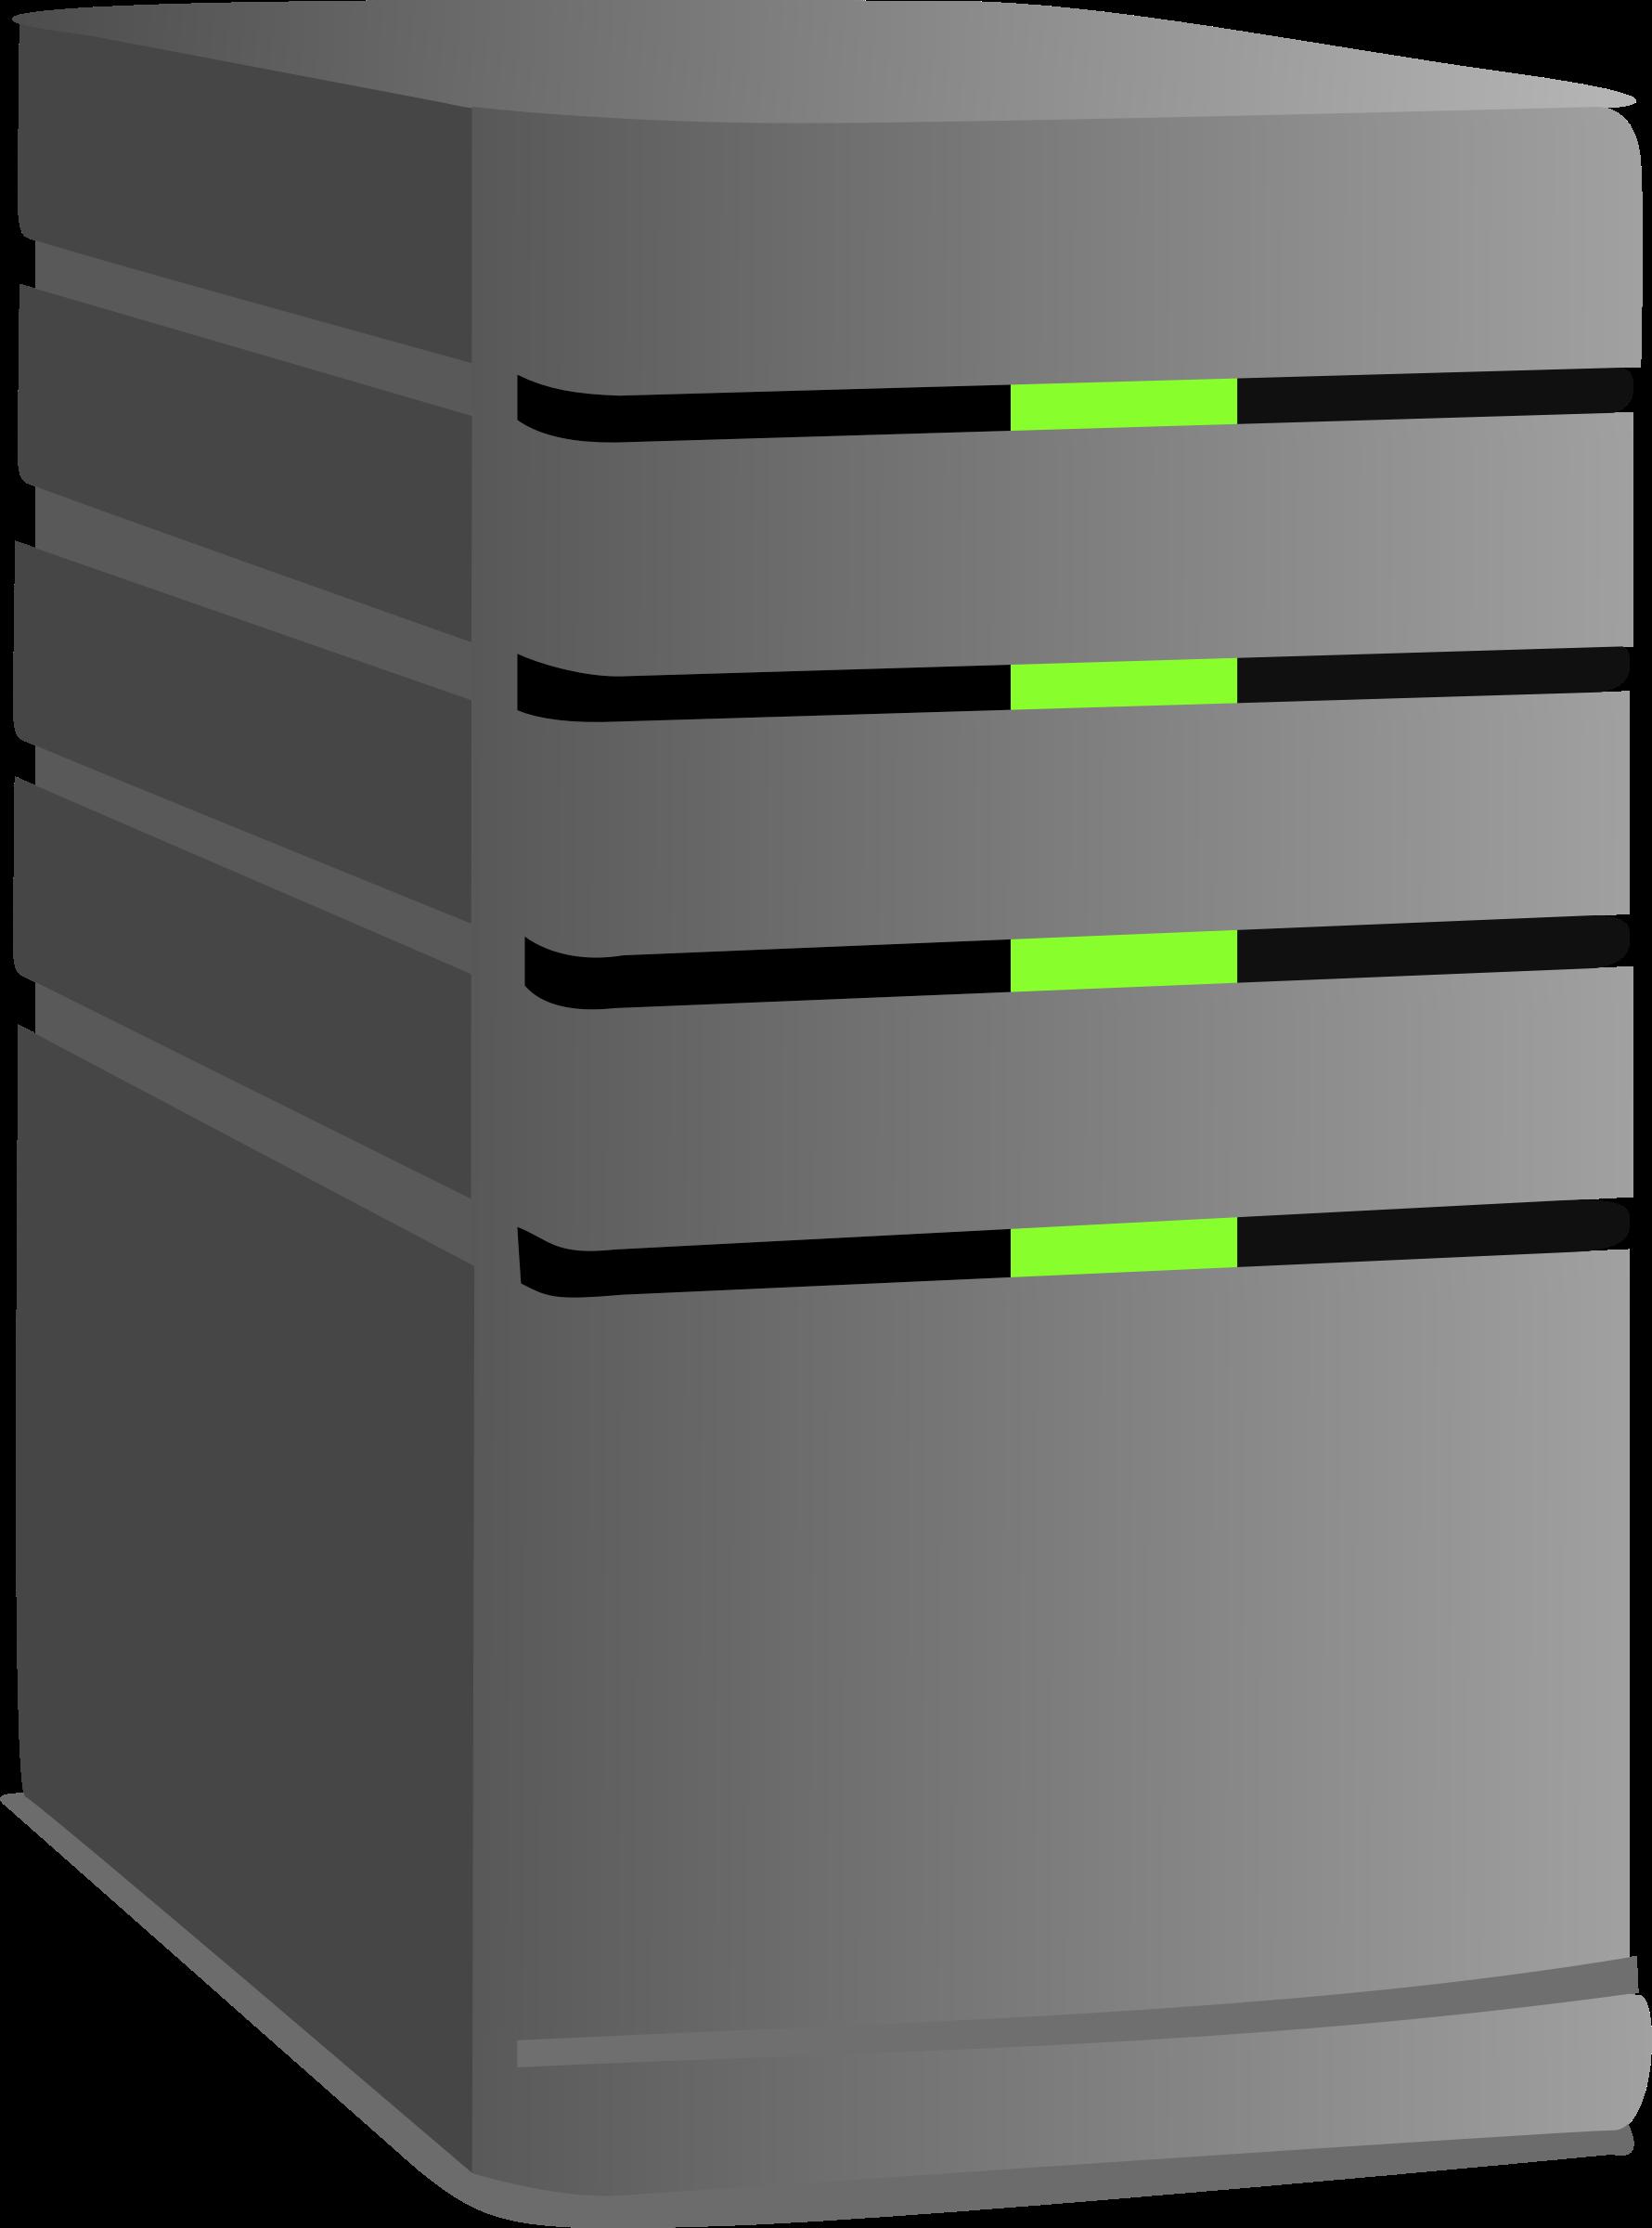 Computer Server Clipart.